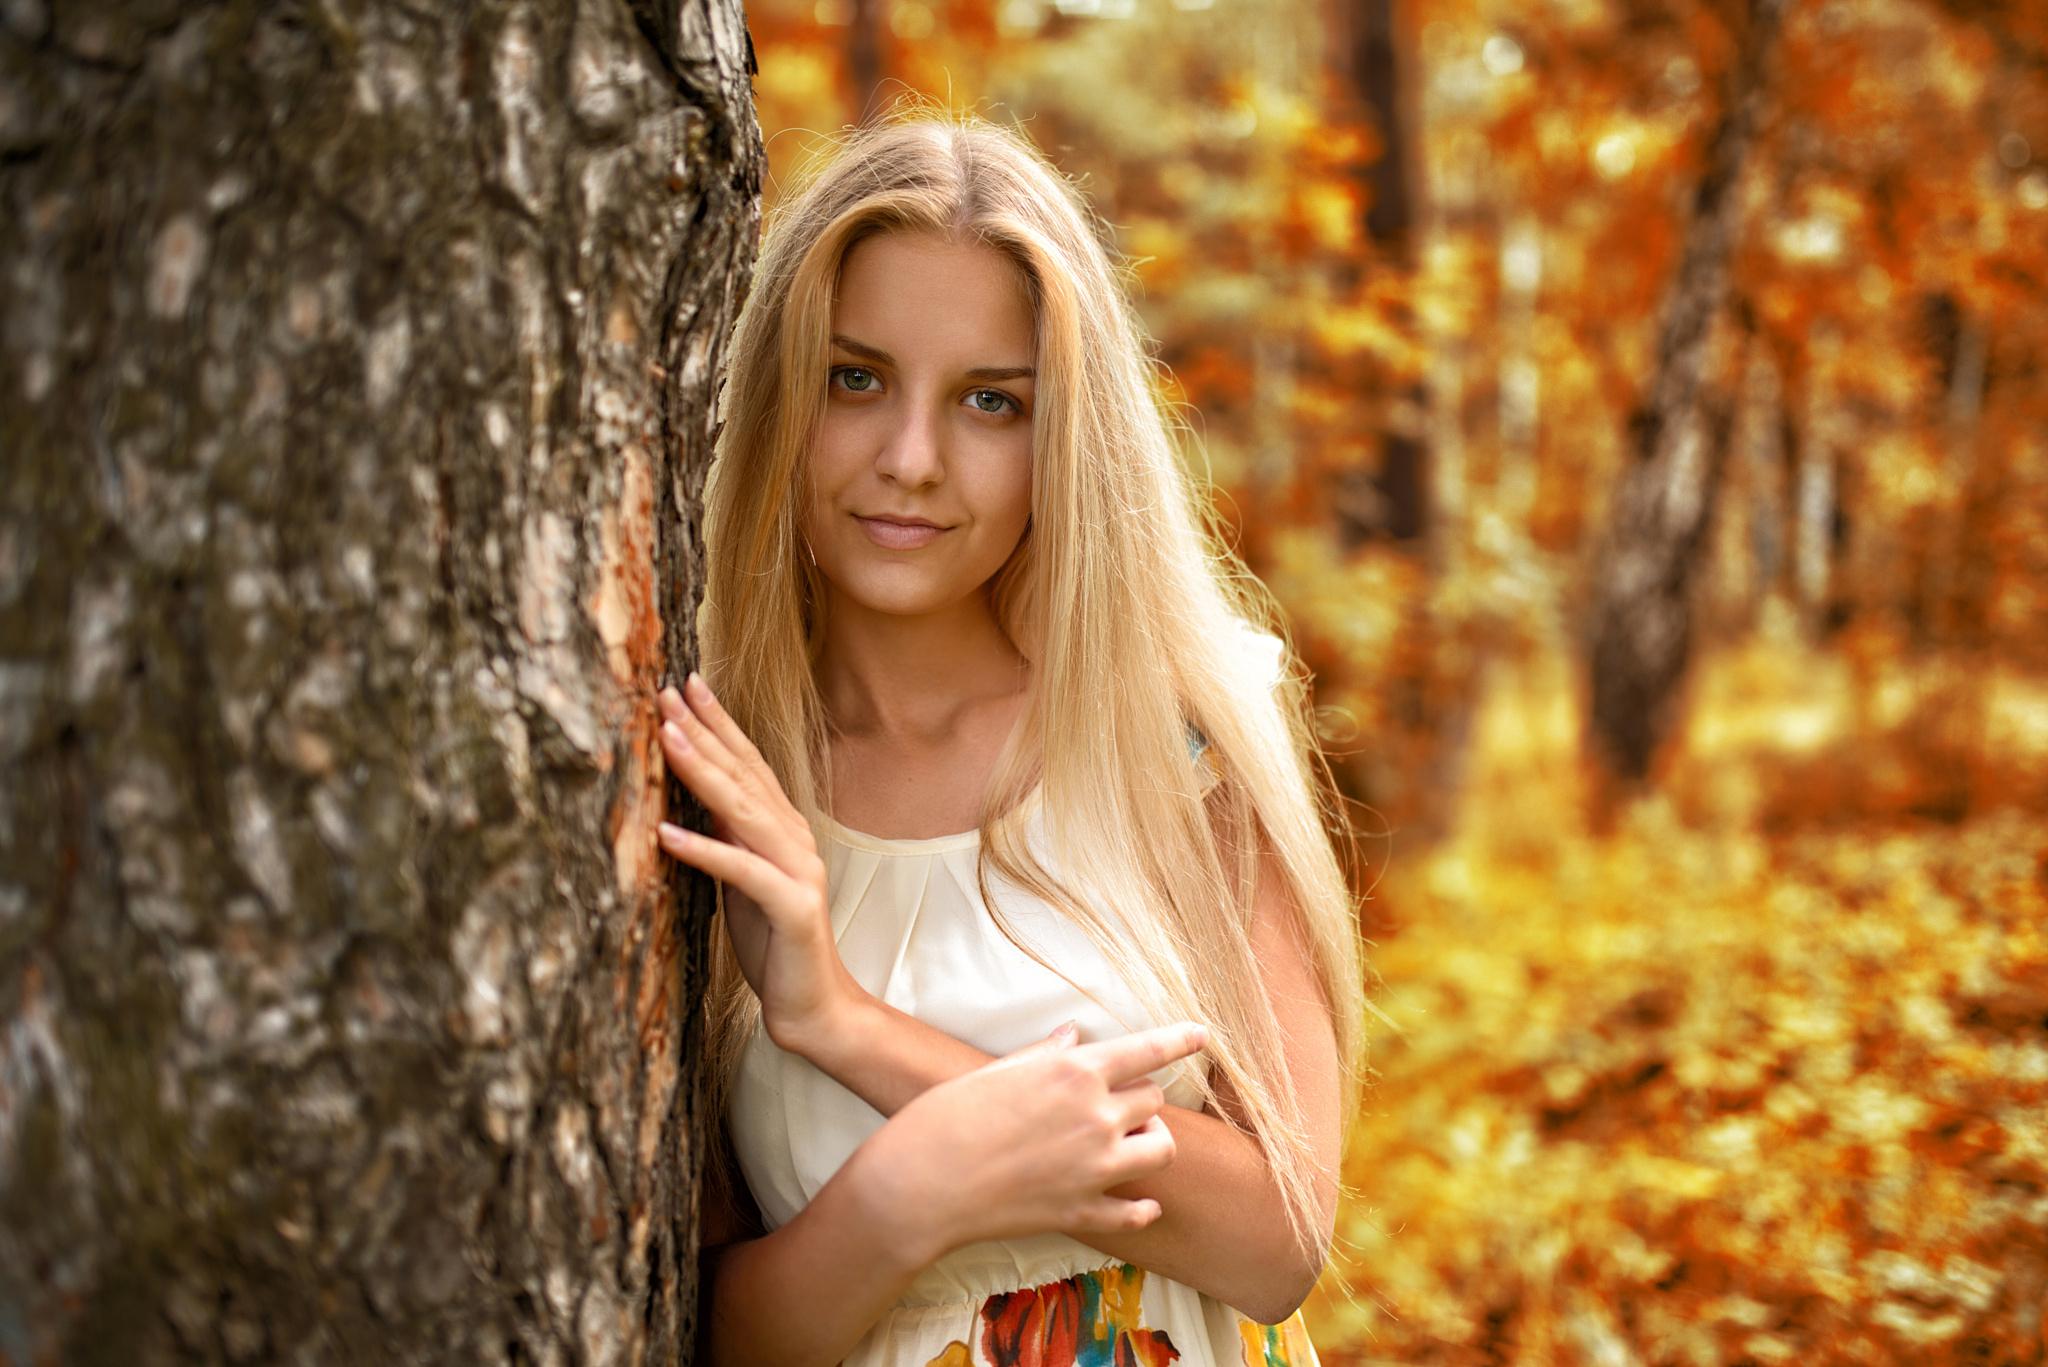 Русская девушка в парке, порно онлайн бикини и пляжному